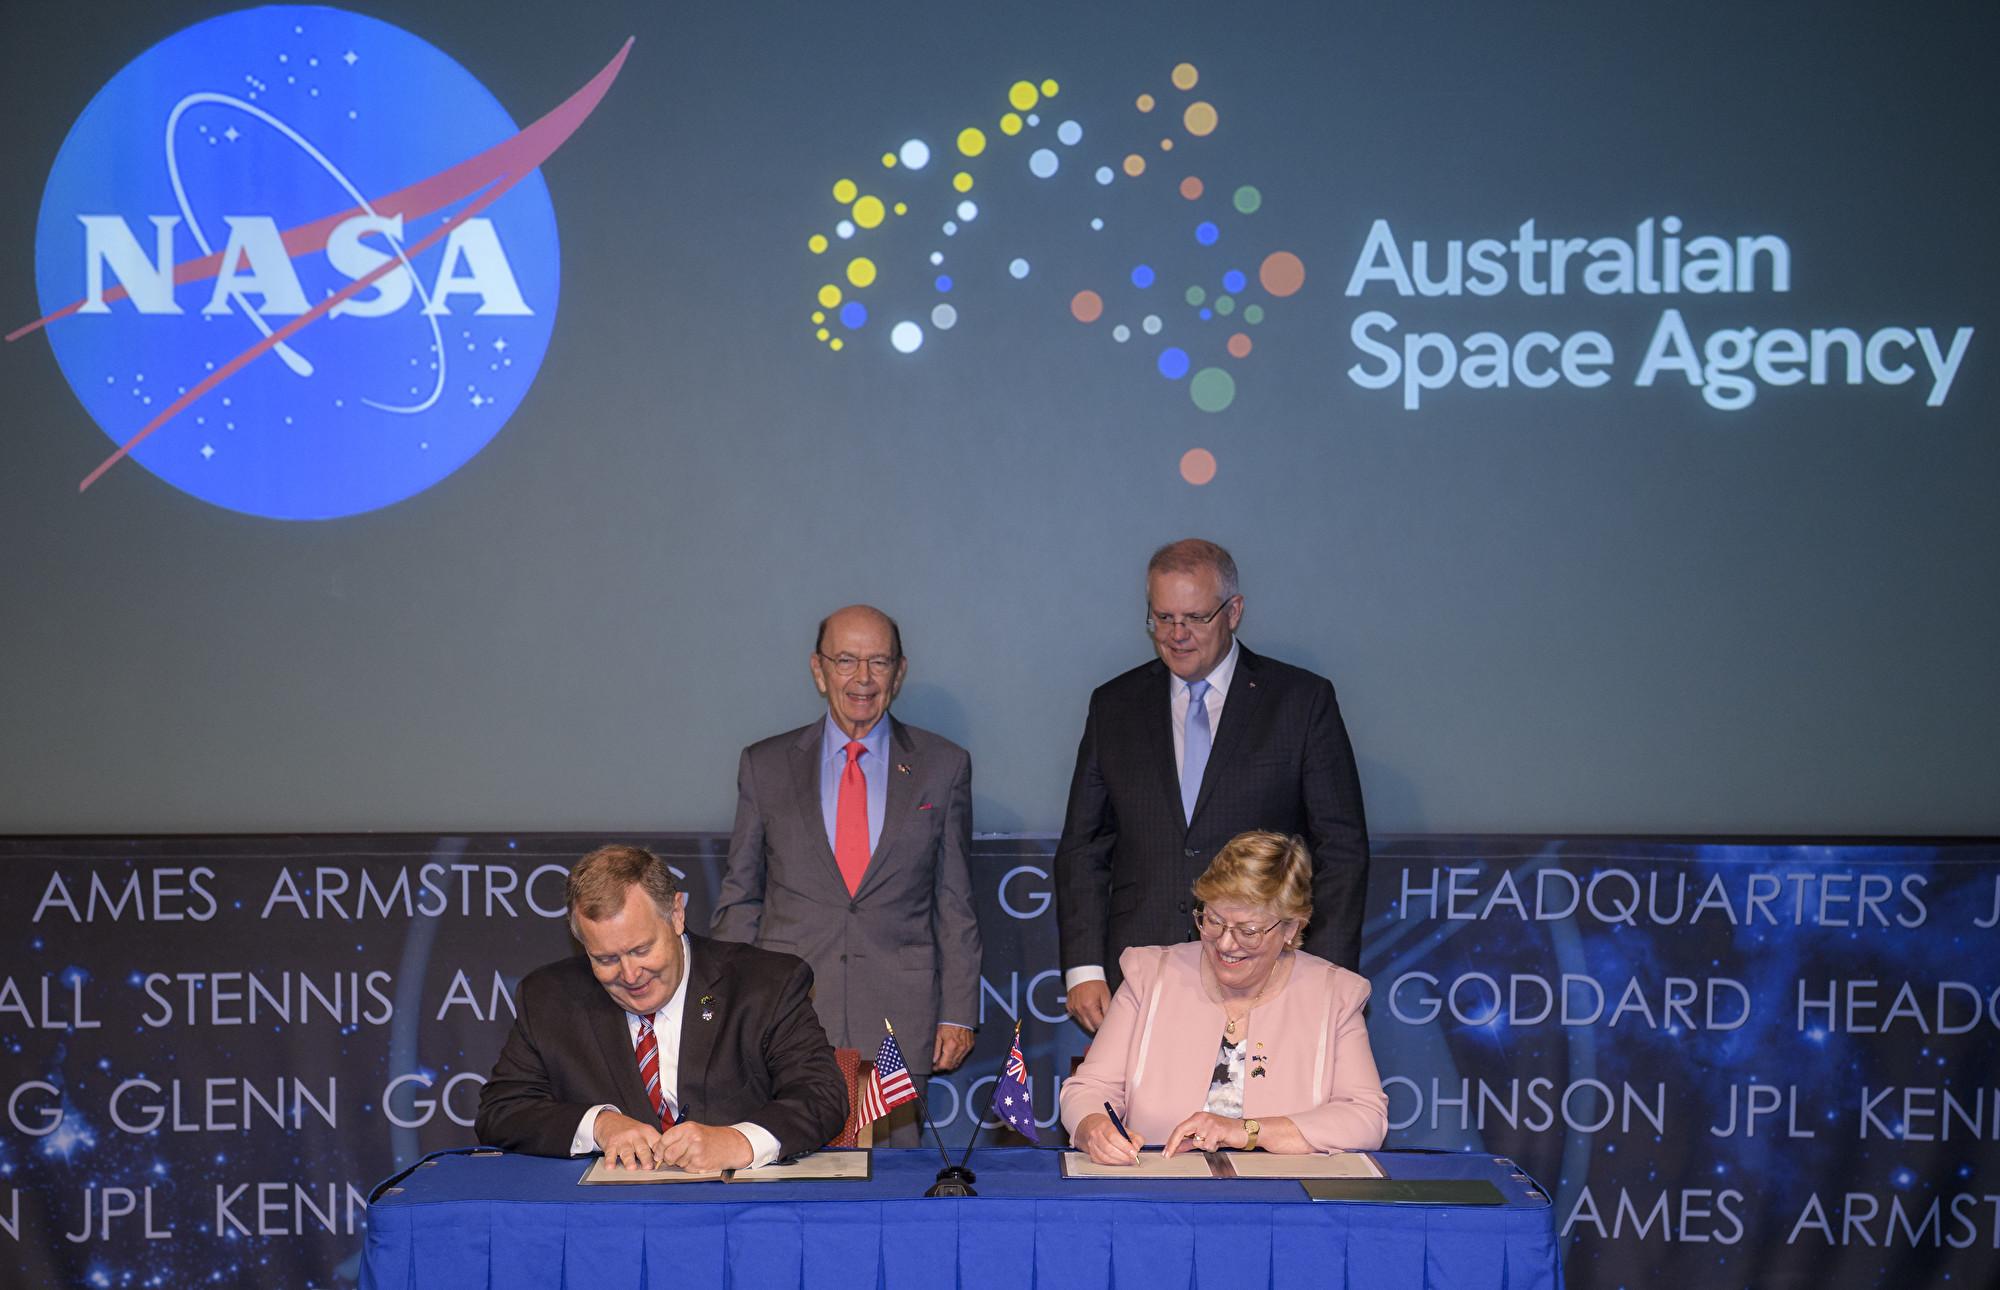 澳洲擬注資1.5億澳元 助特朗普實現火星夢